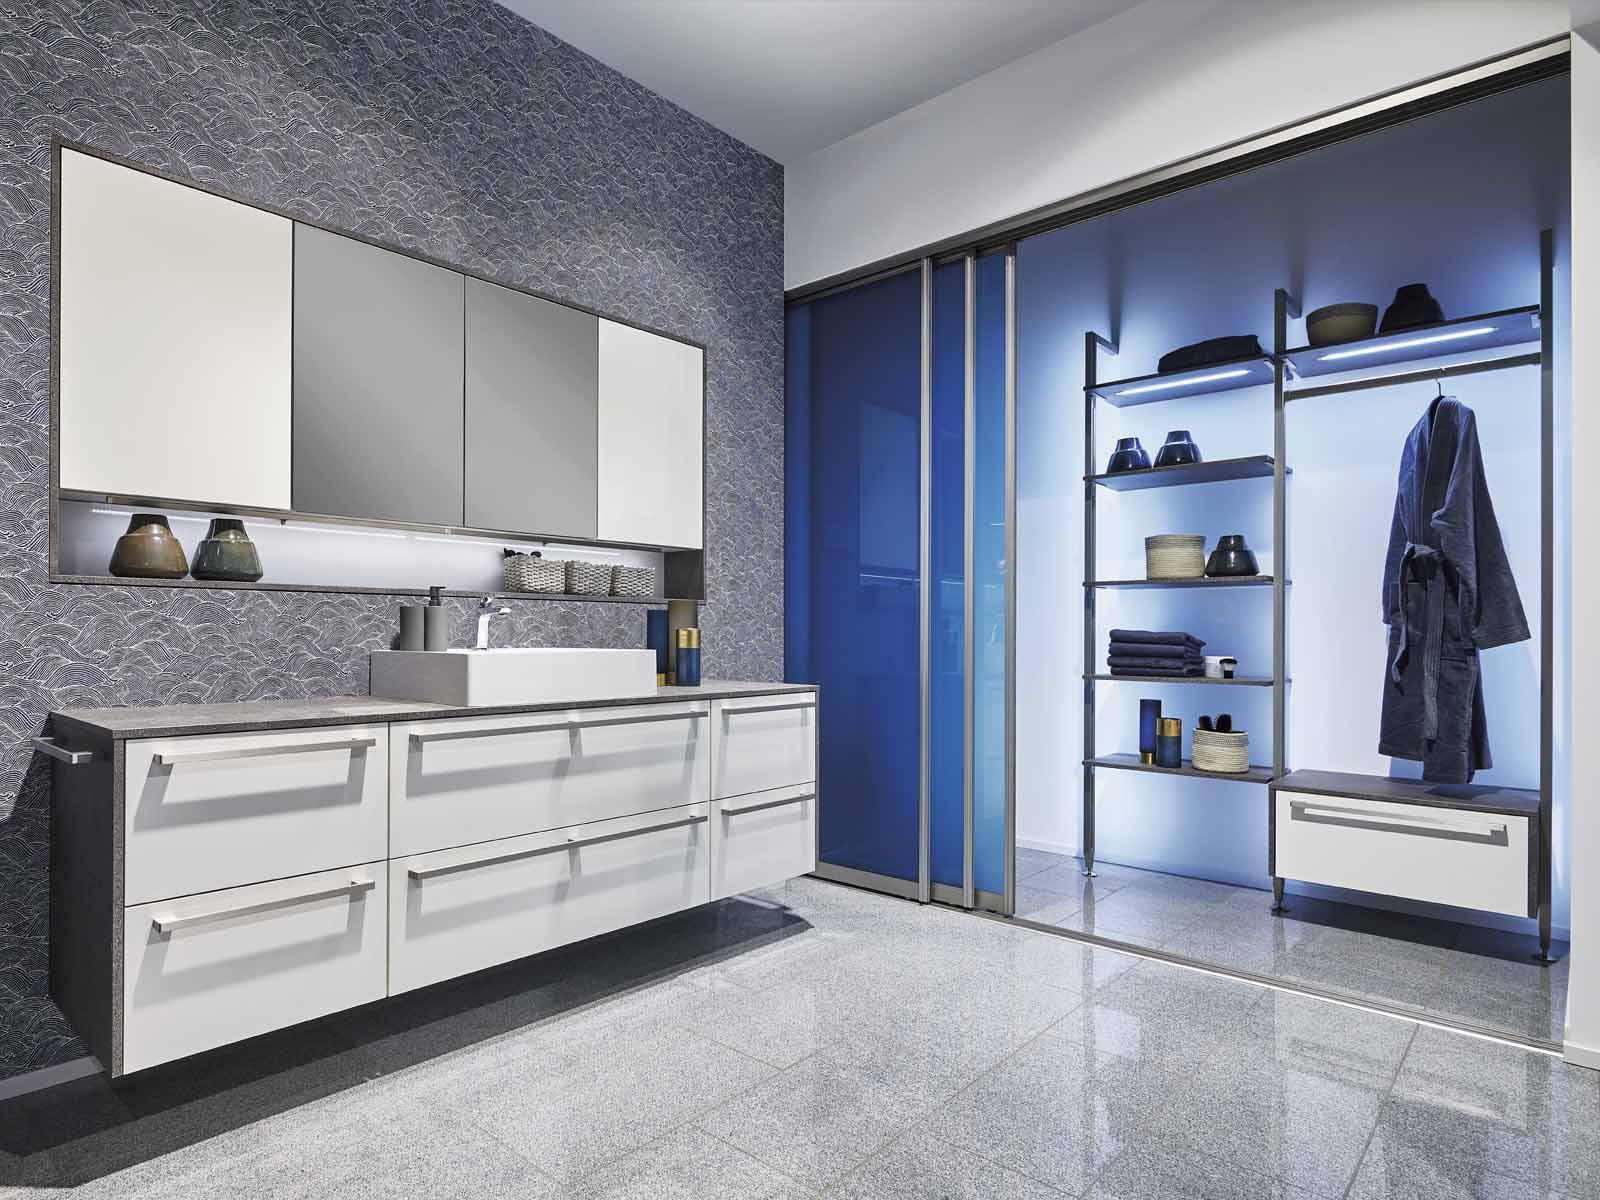 Küchentime Focus 460 - Bathroom